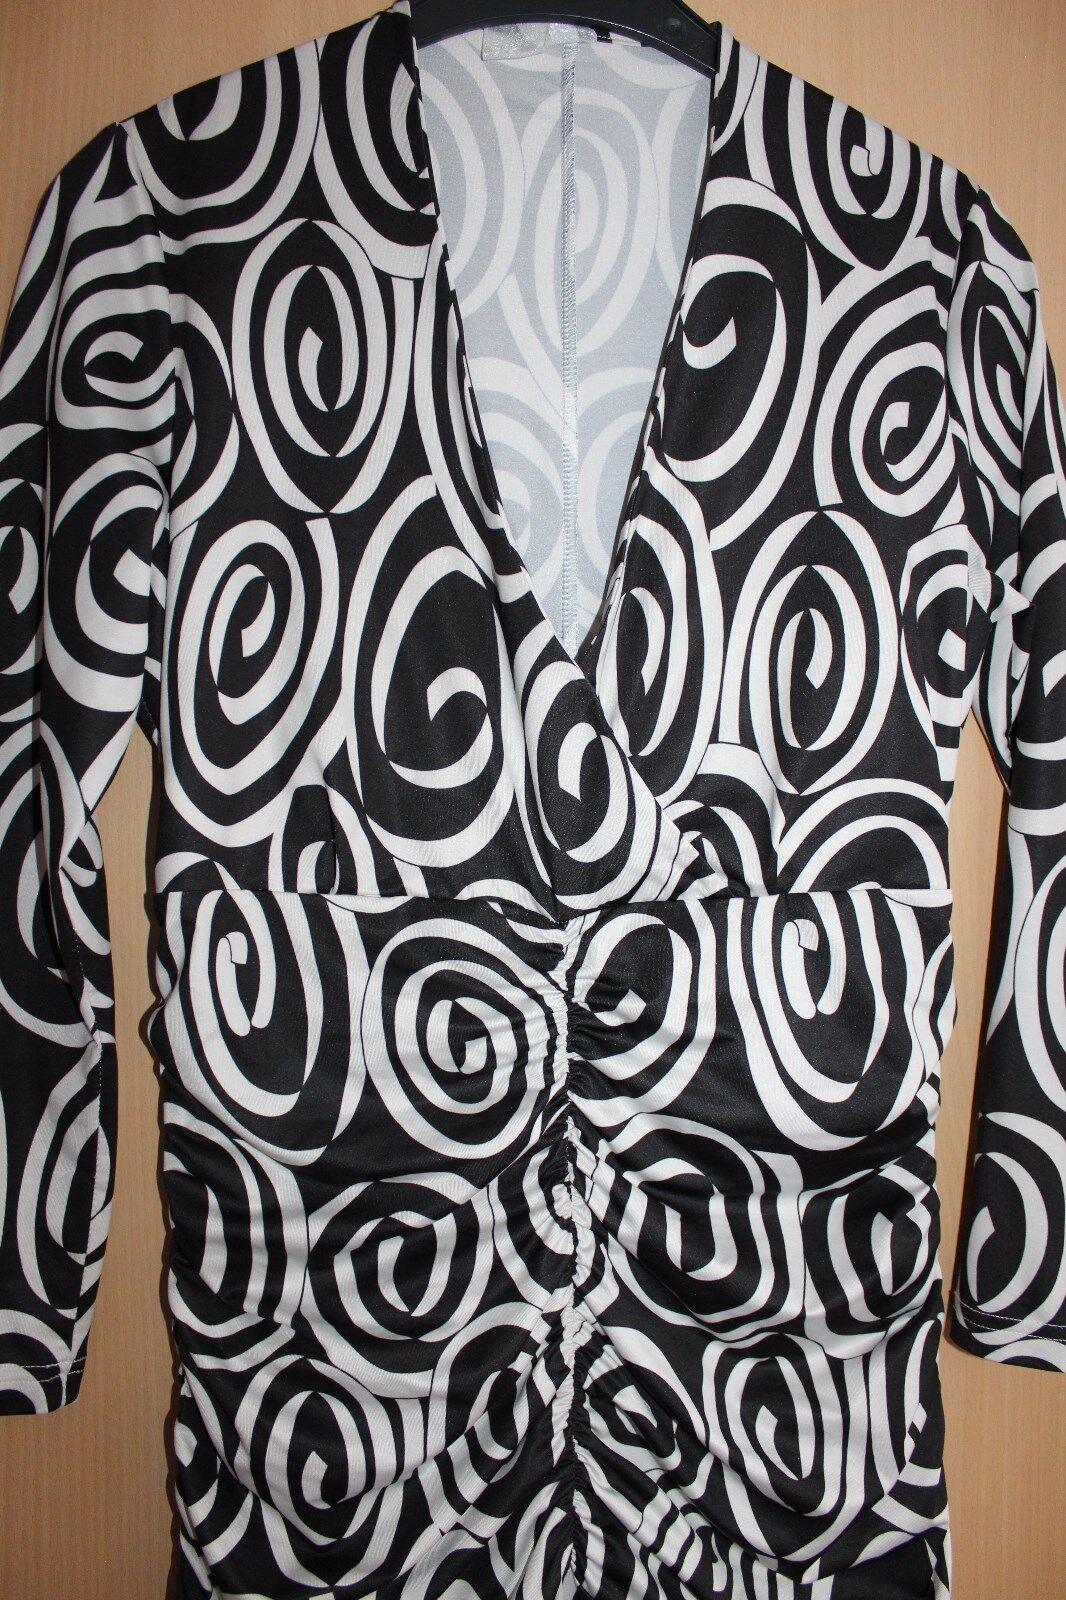 Kleid Gr.40 schwarz weiß Fashion in love love love by WDC mit Raffung V-Ausschnitt 3 4-Arm   Angenehmes Gefühl    Offizielle Webseite    Zahlreiche In Vielfalt  fe399e